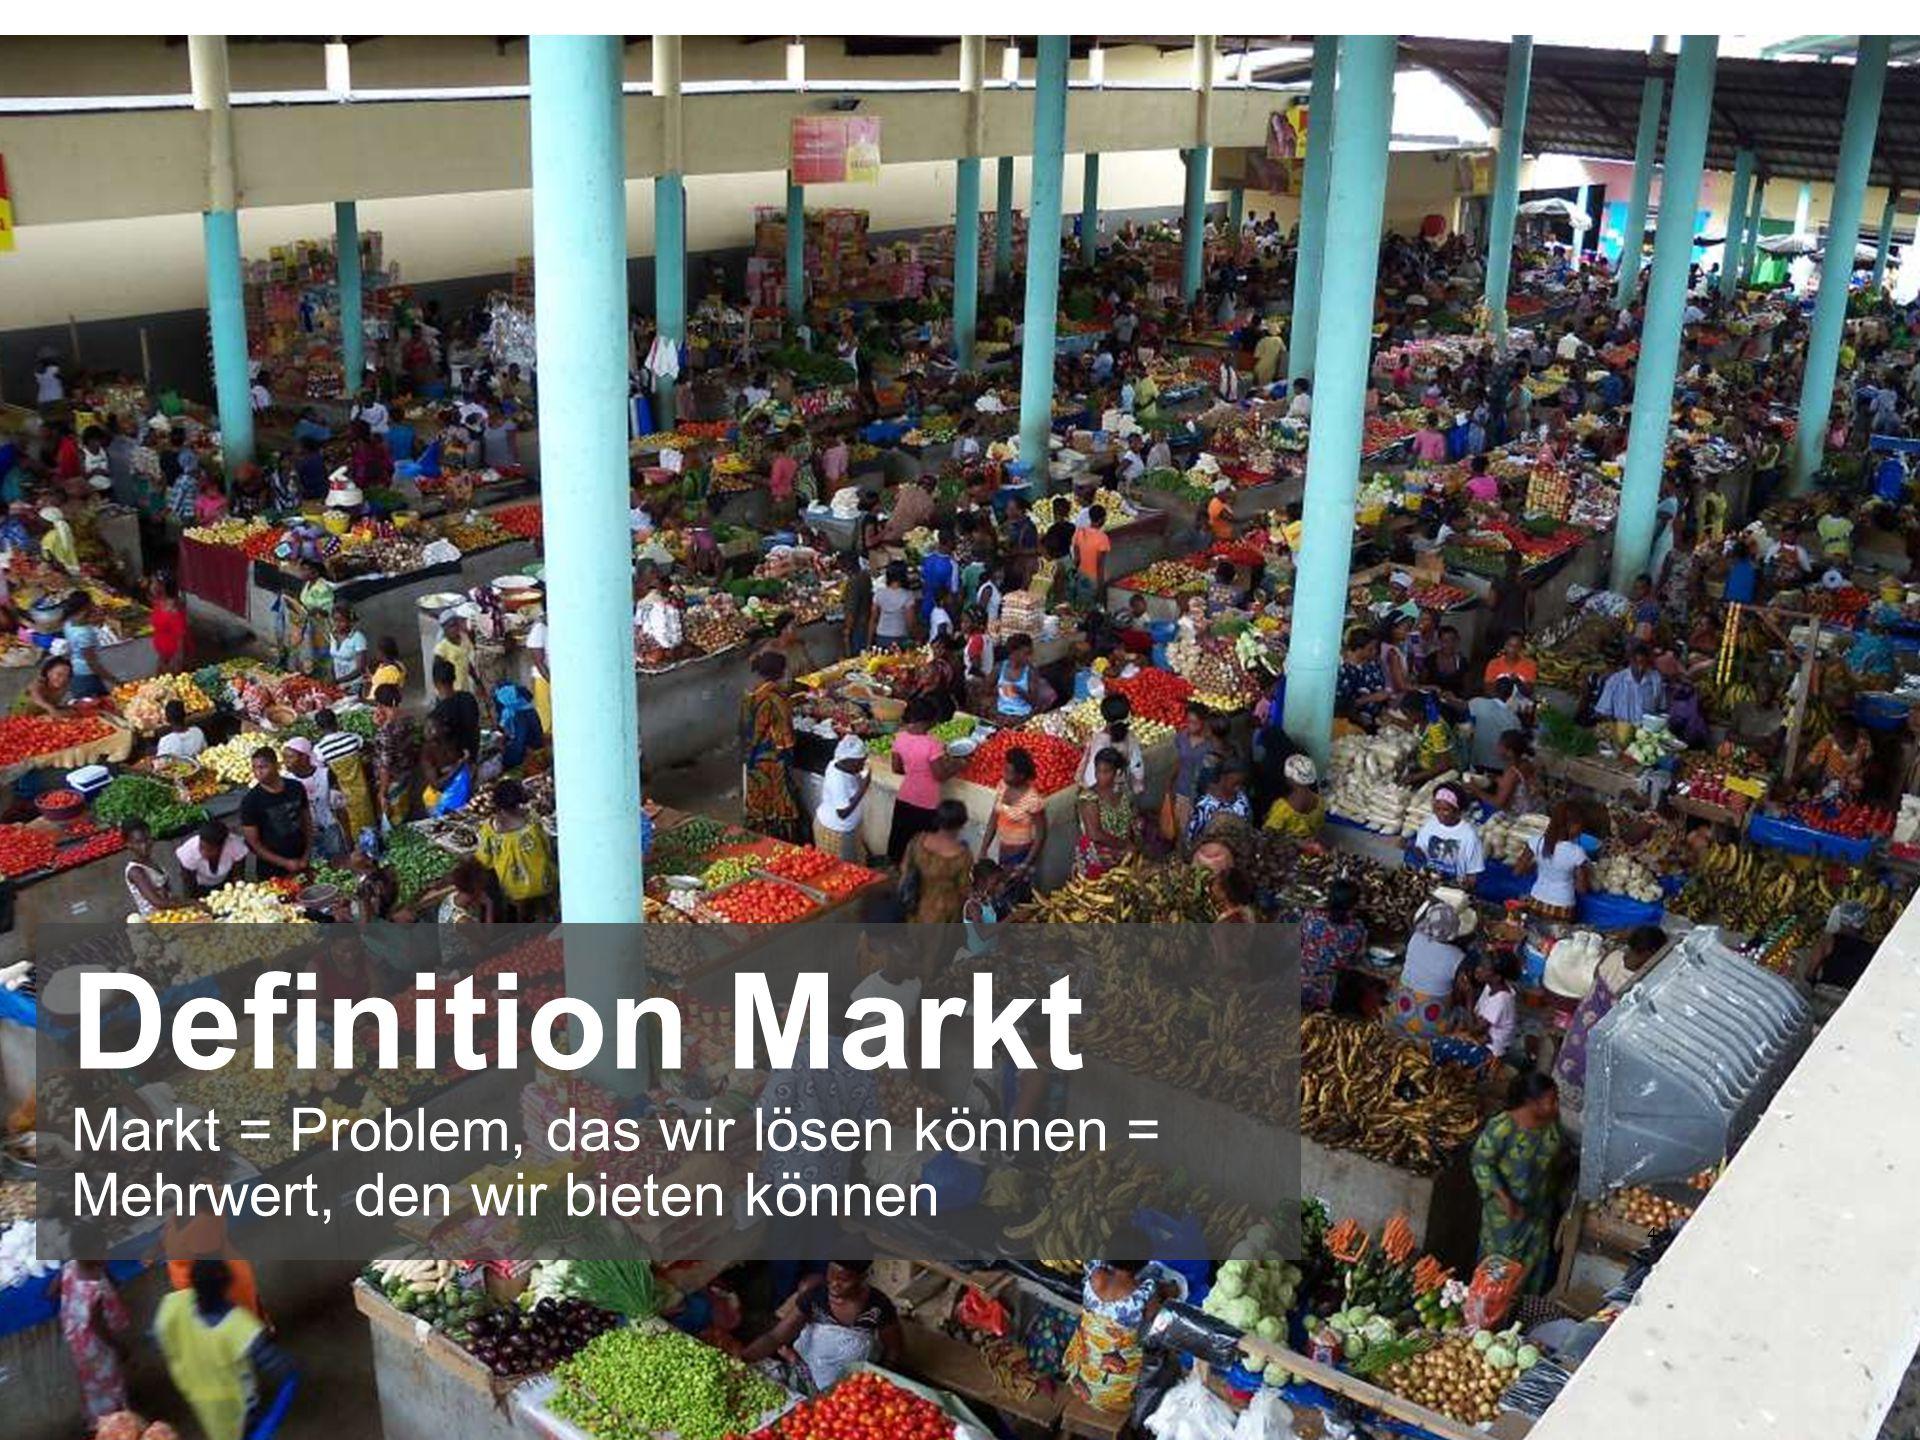 4 Definition Markt Markt = Problem, das wir lösen können = Mehrwert, den wir bieten können